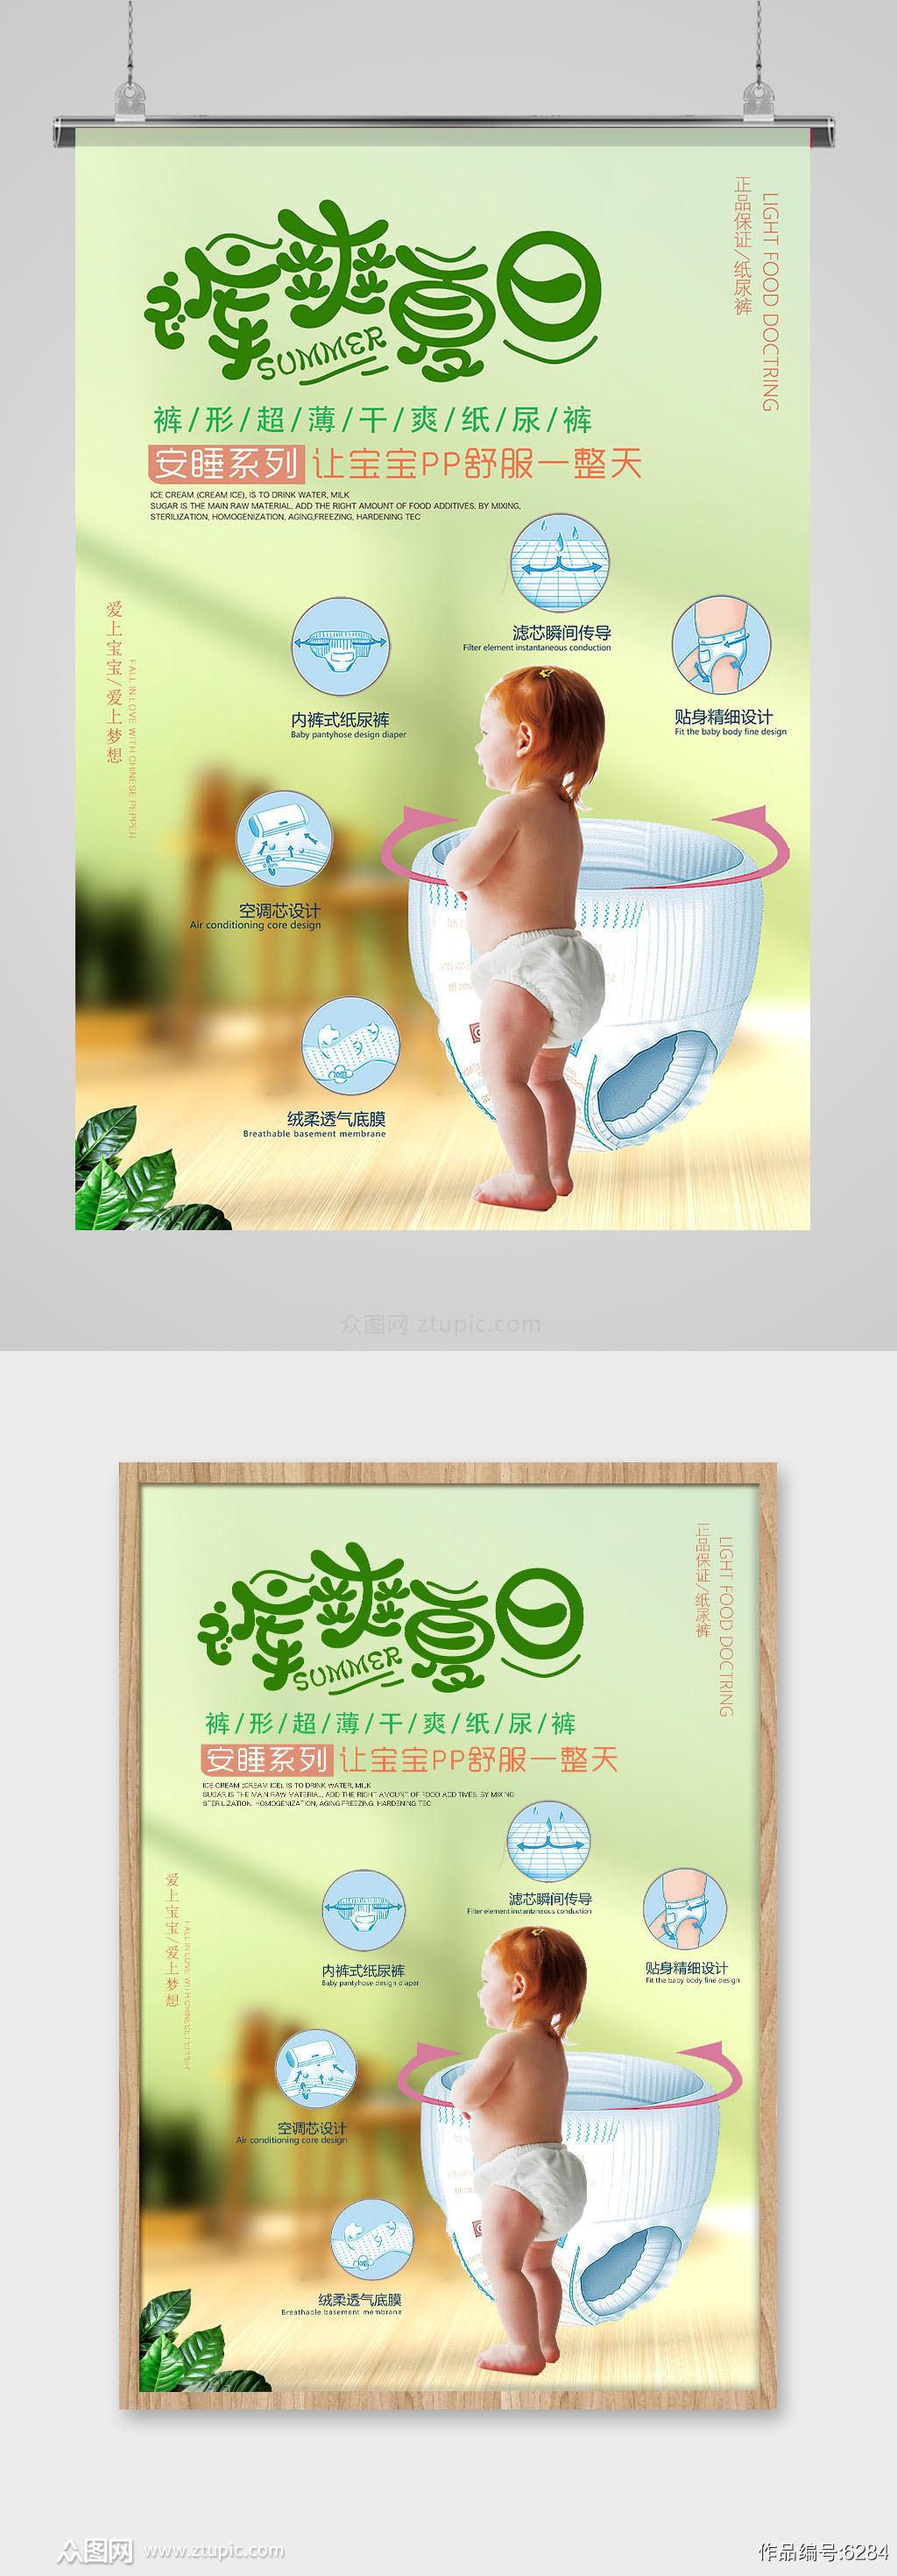 原创母婴海报设计素材